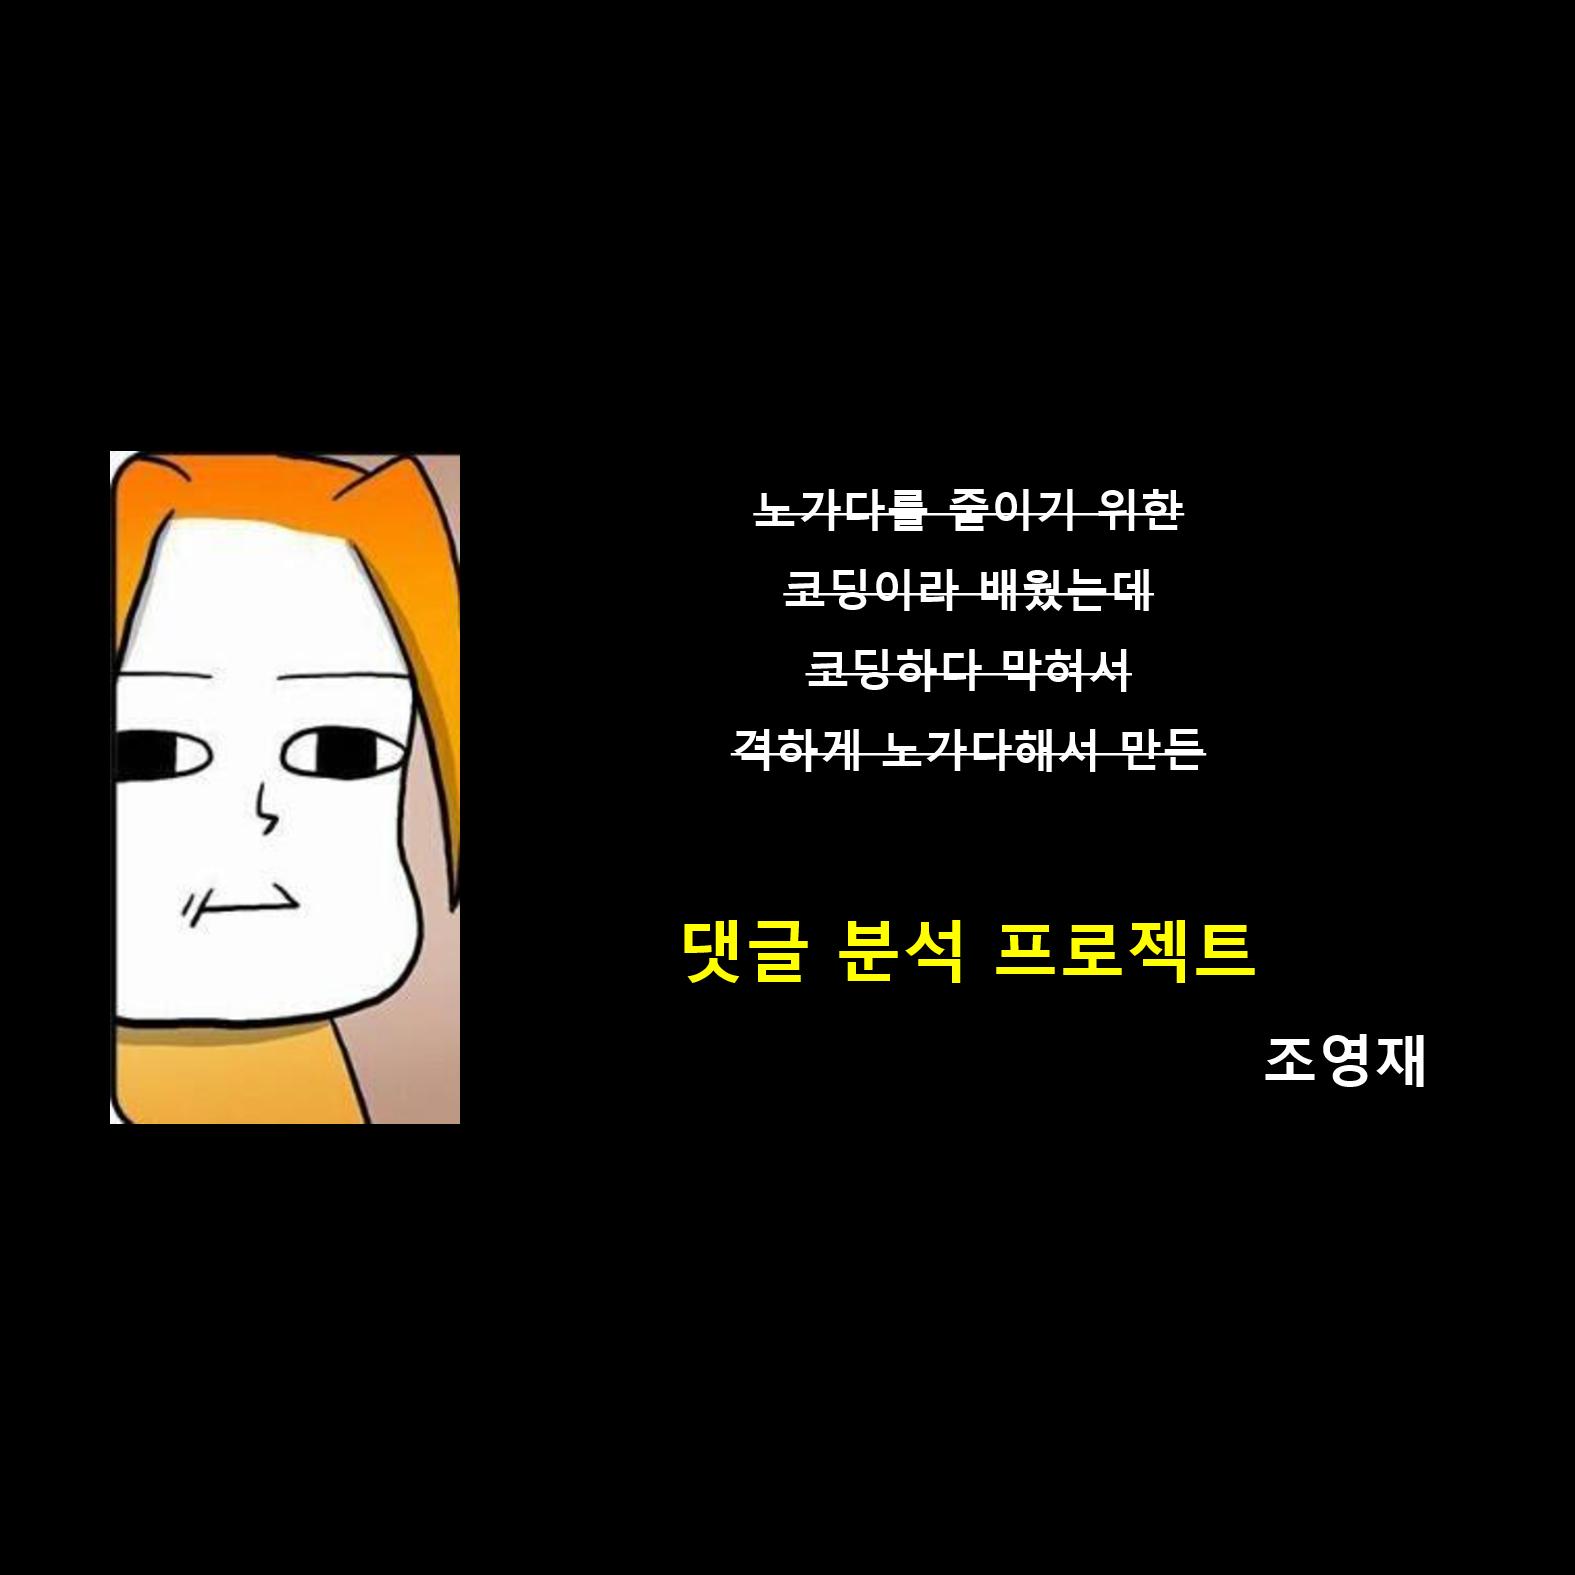 세월호댓글